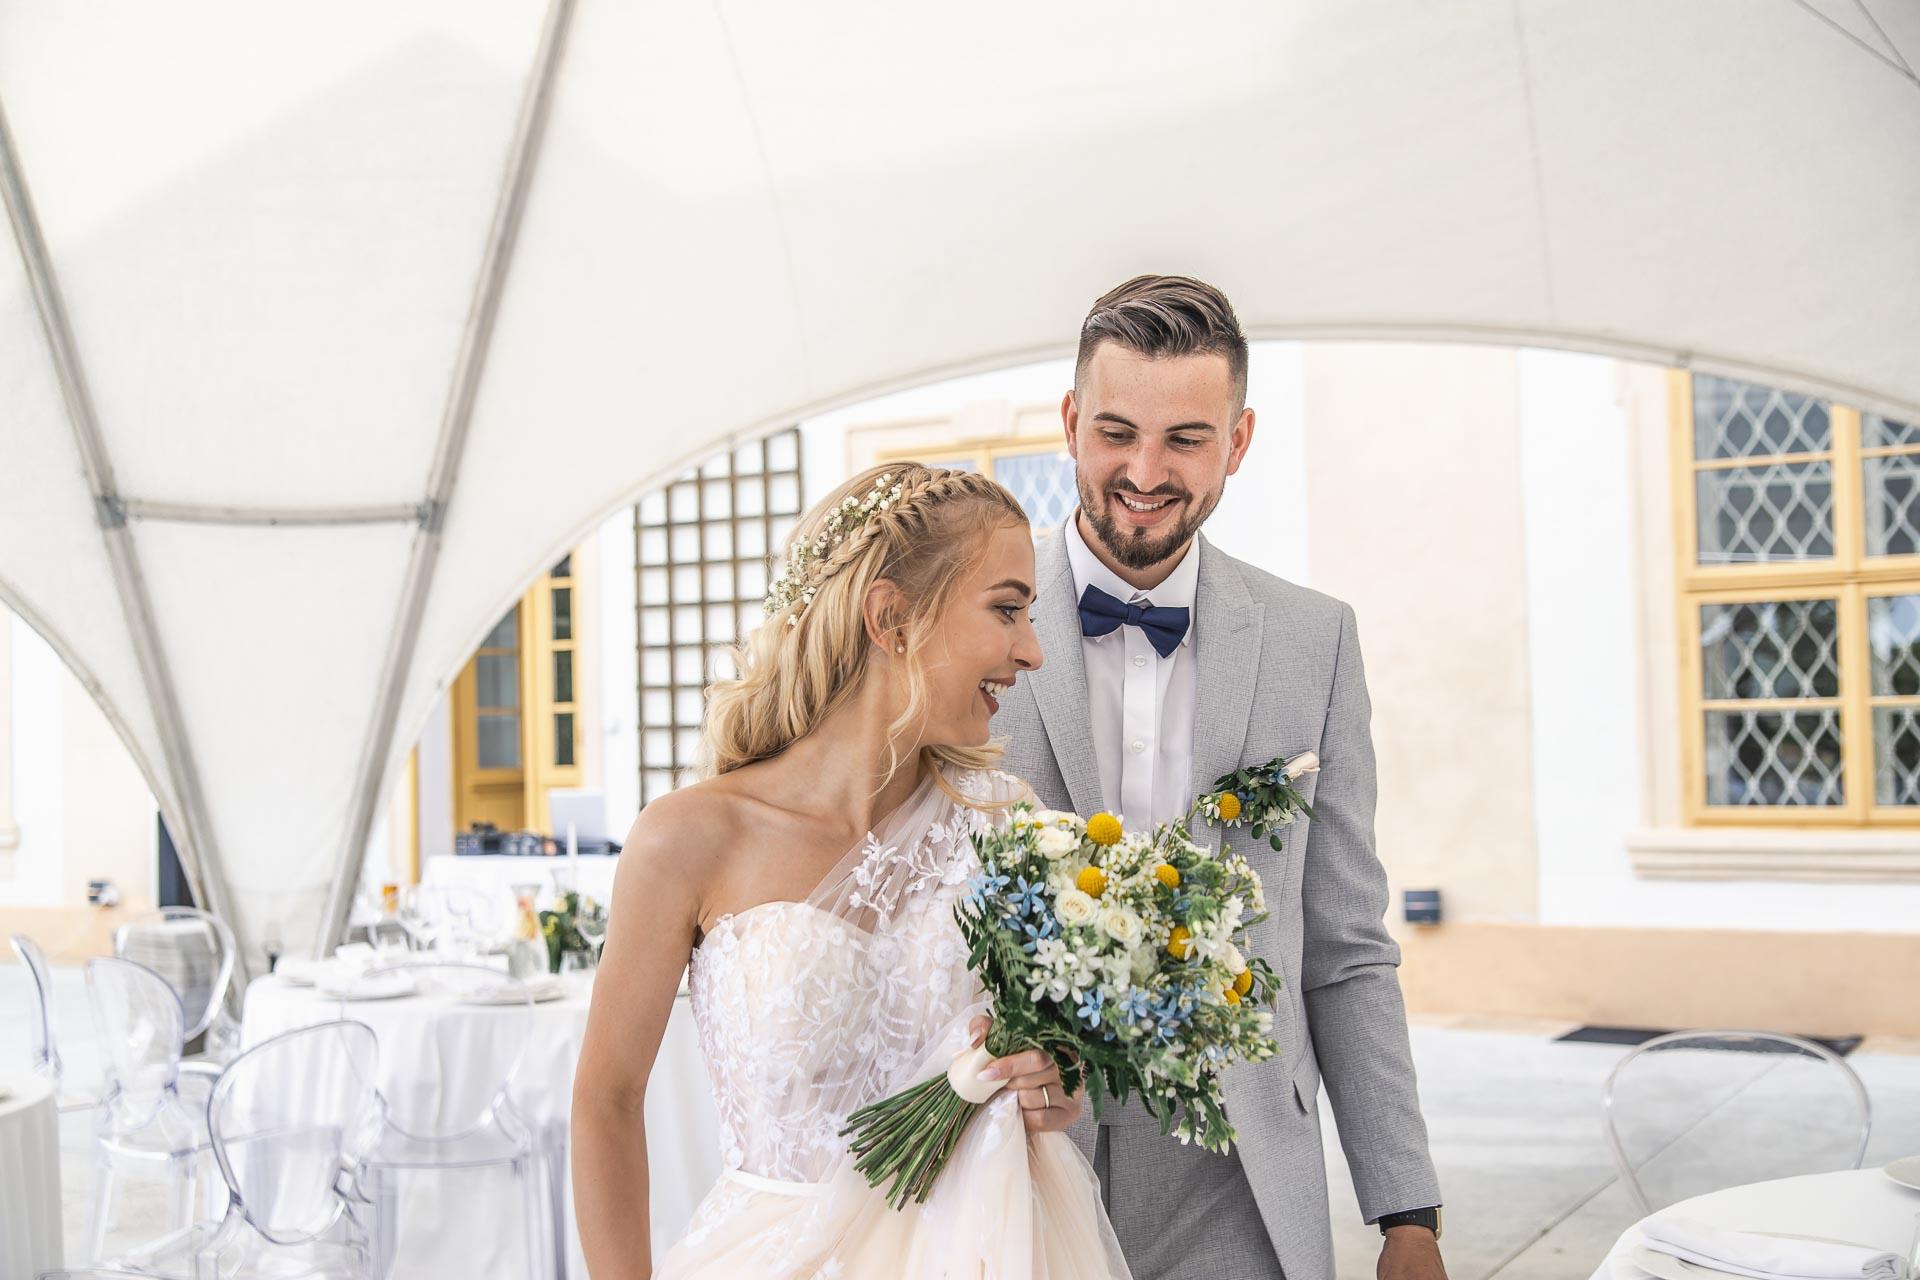 svatební-fotograf-zámek-Loučeň-svatební-video-zámek-Loučeň-4278